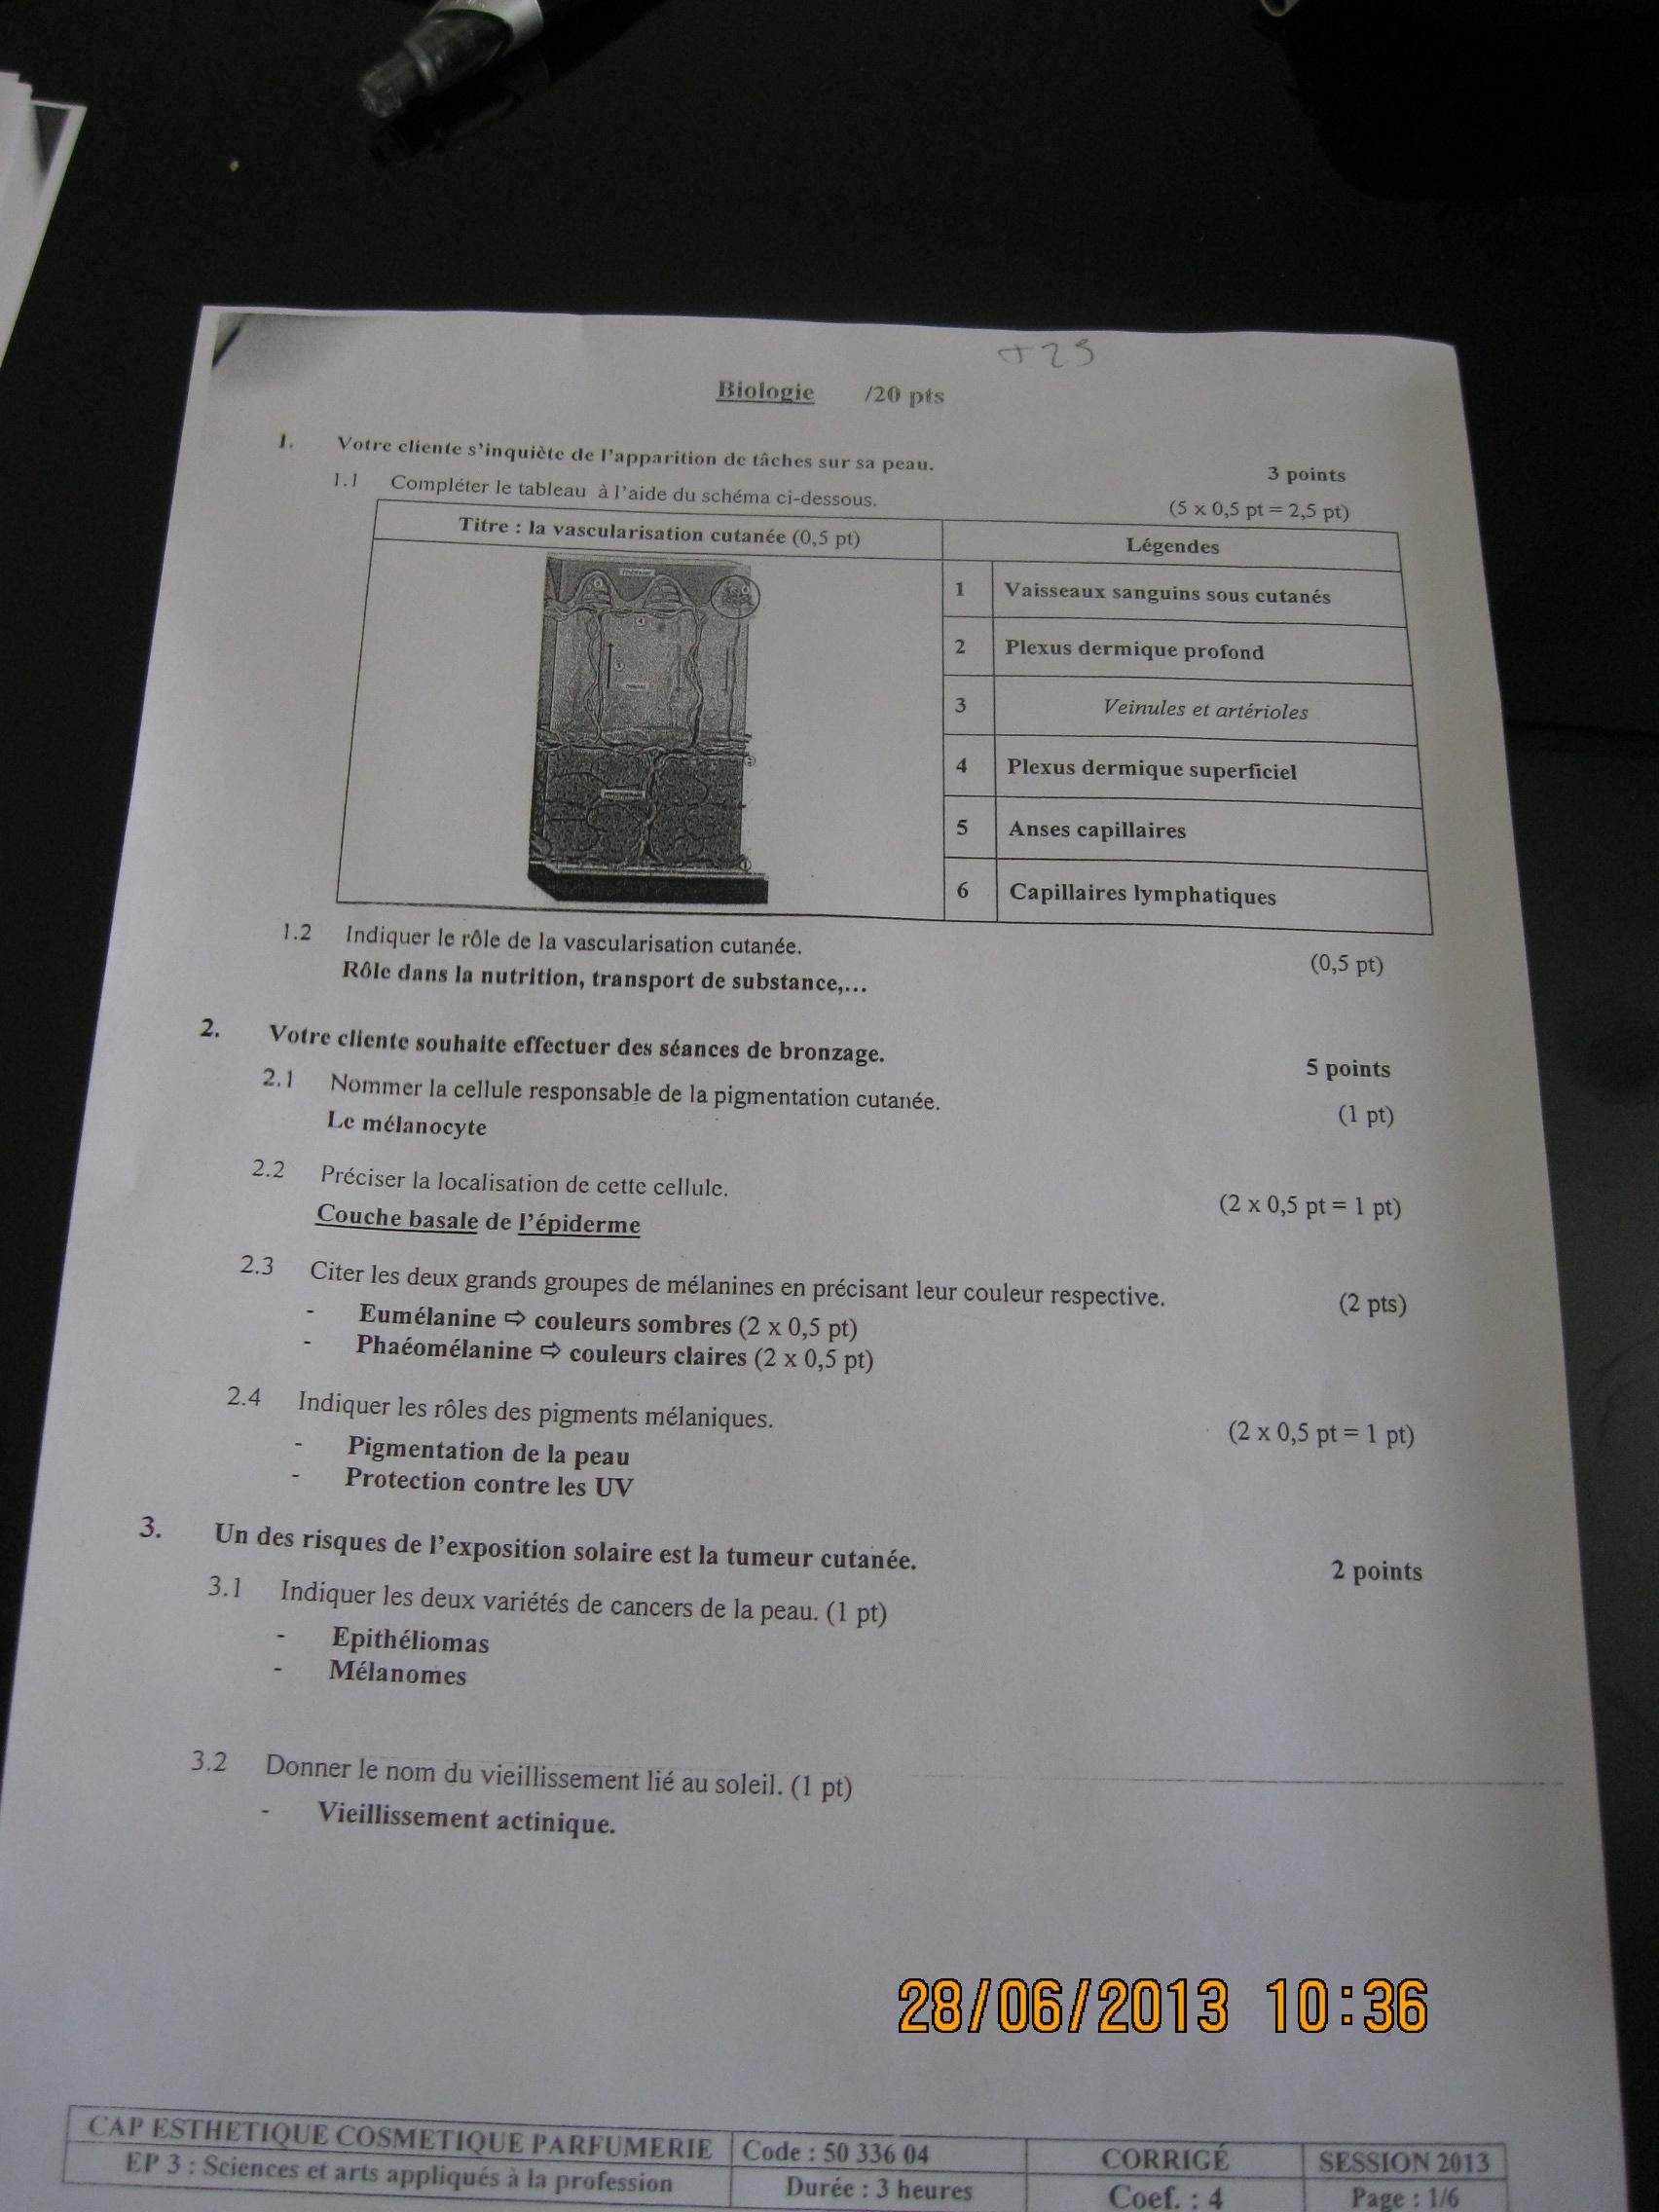 Sujet examen 2013 art appliques bio page 7 forum manucure for Sujet examen cap cuisine corrige